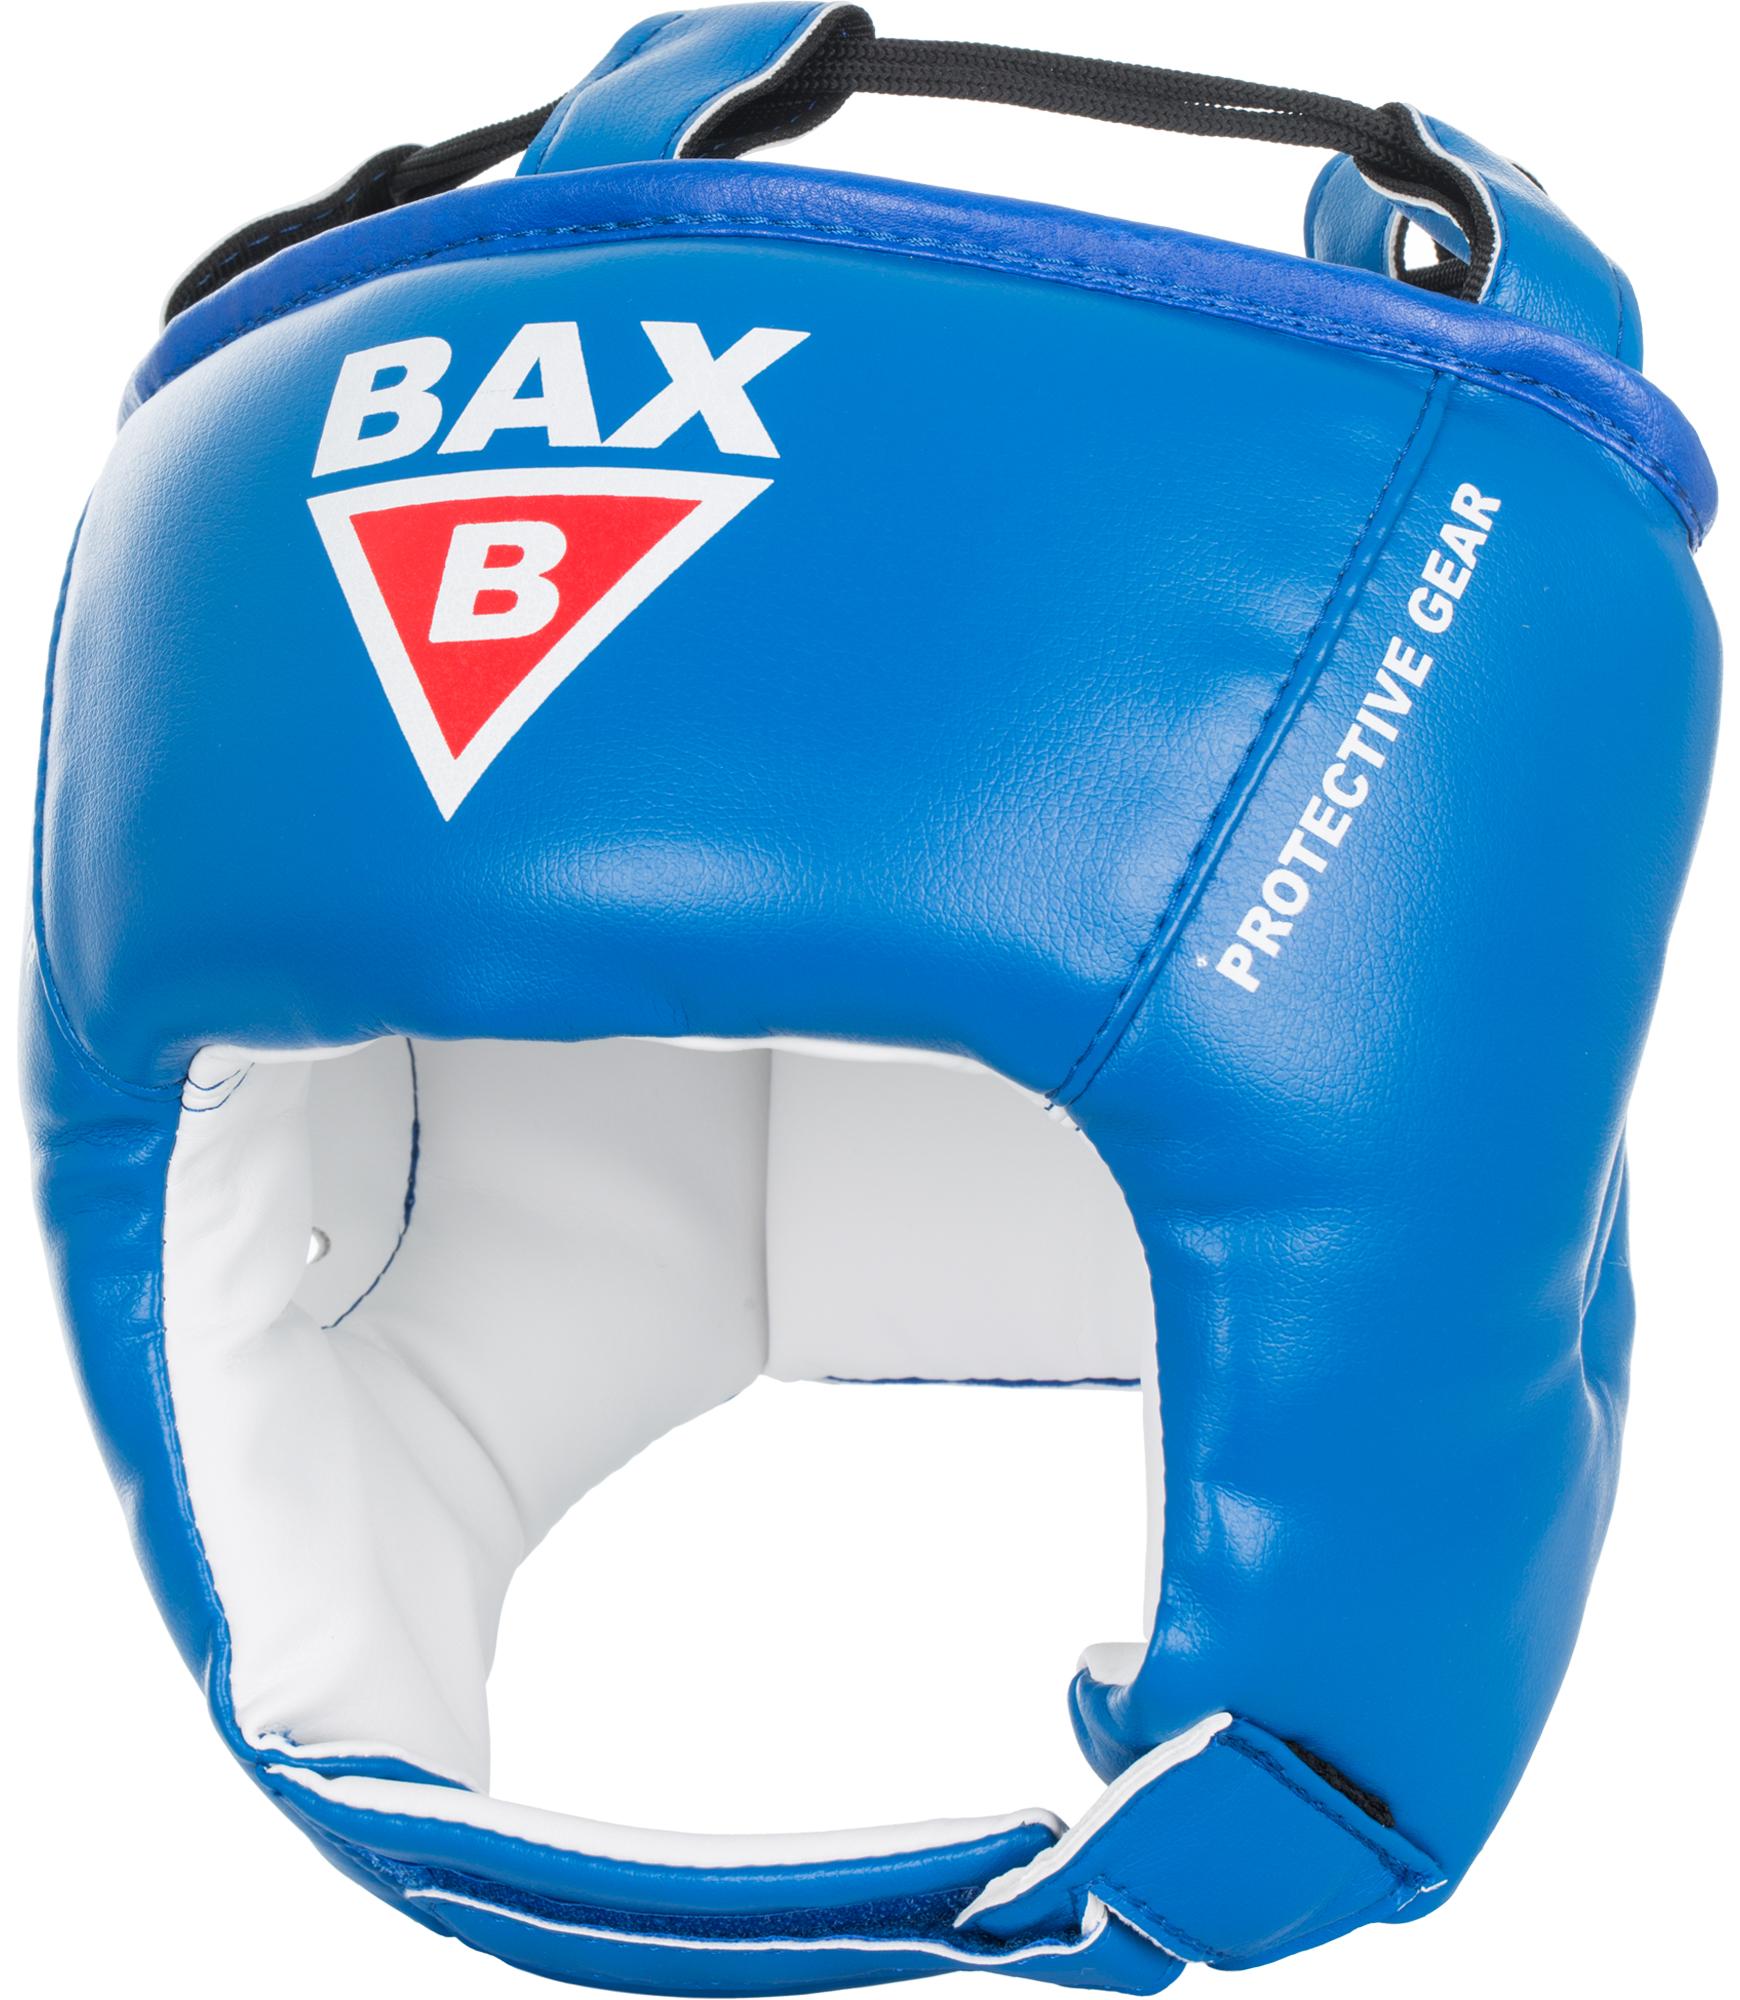 Bax Шлем детский BAX bax мешок набивной bax 40 кг